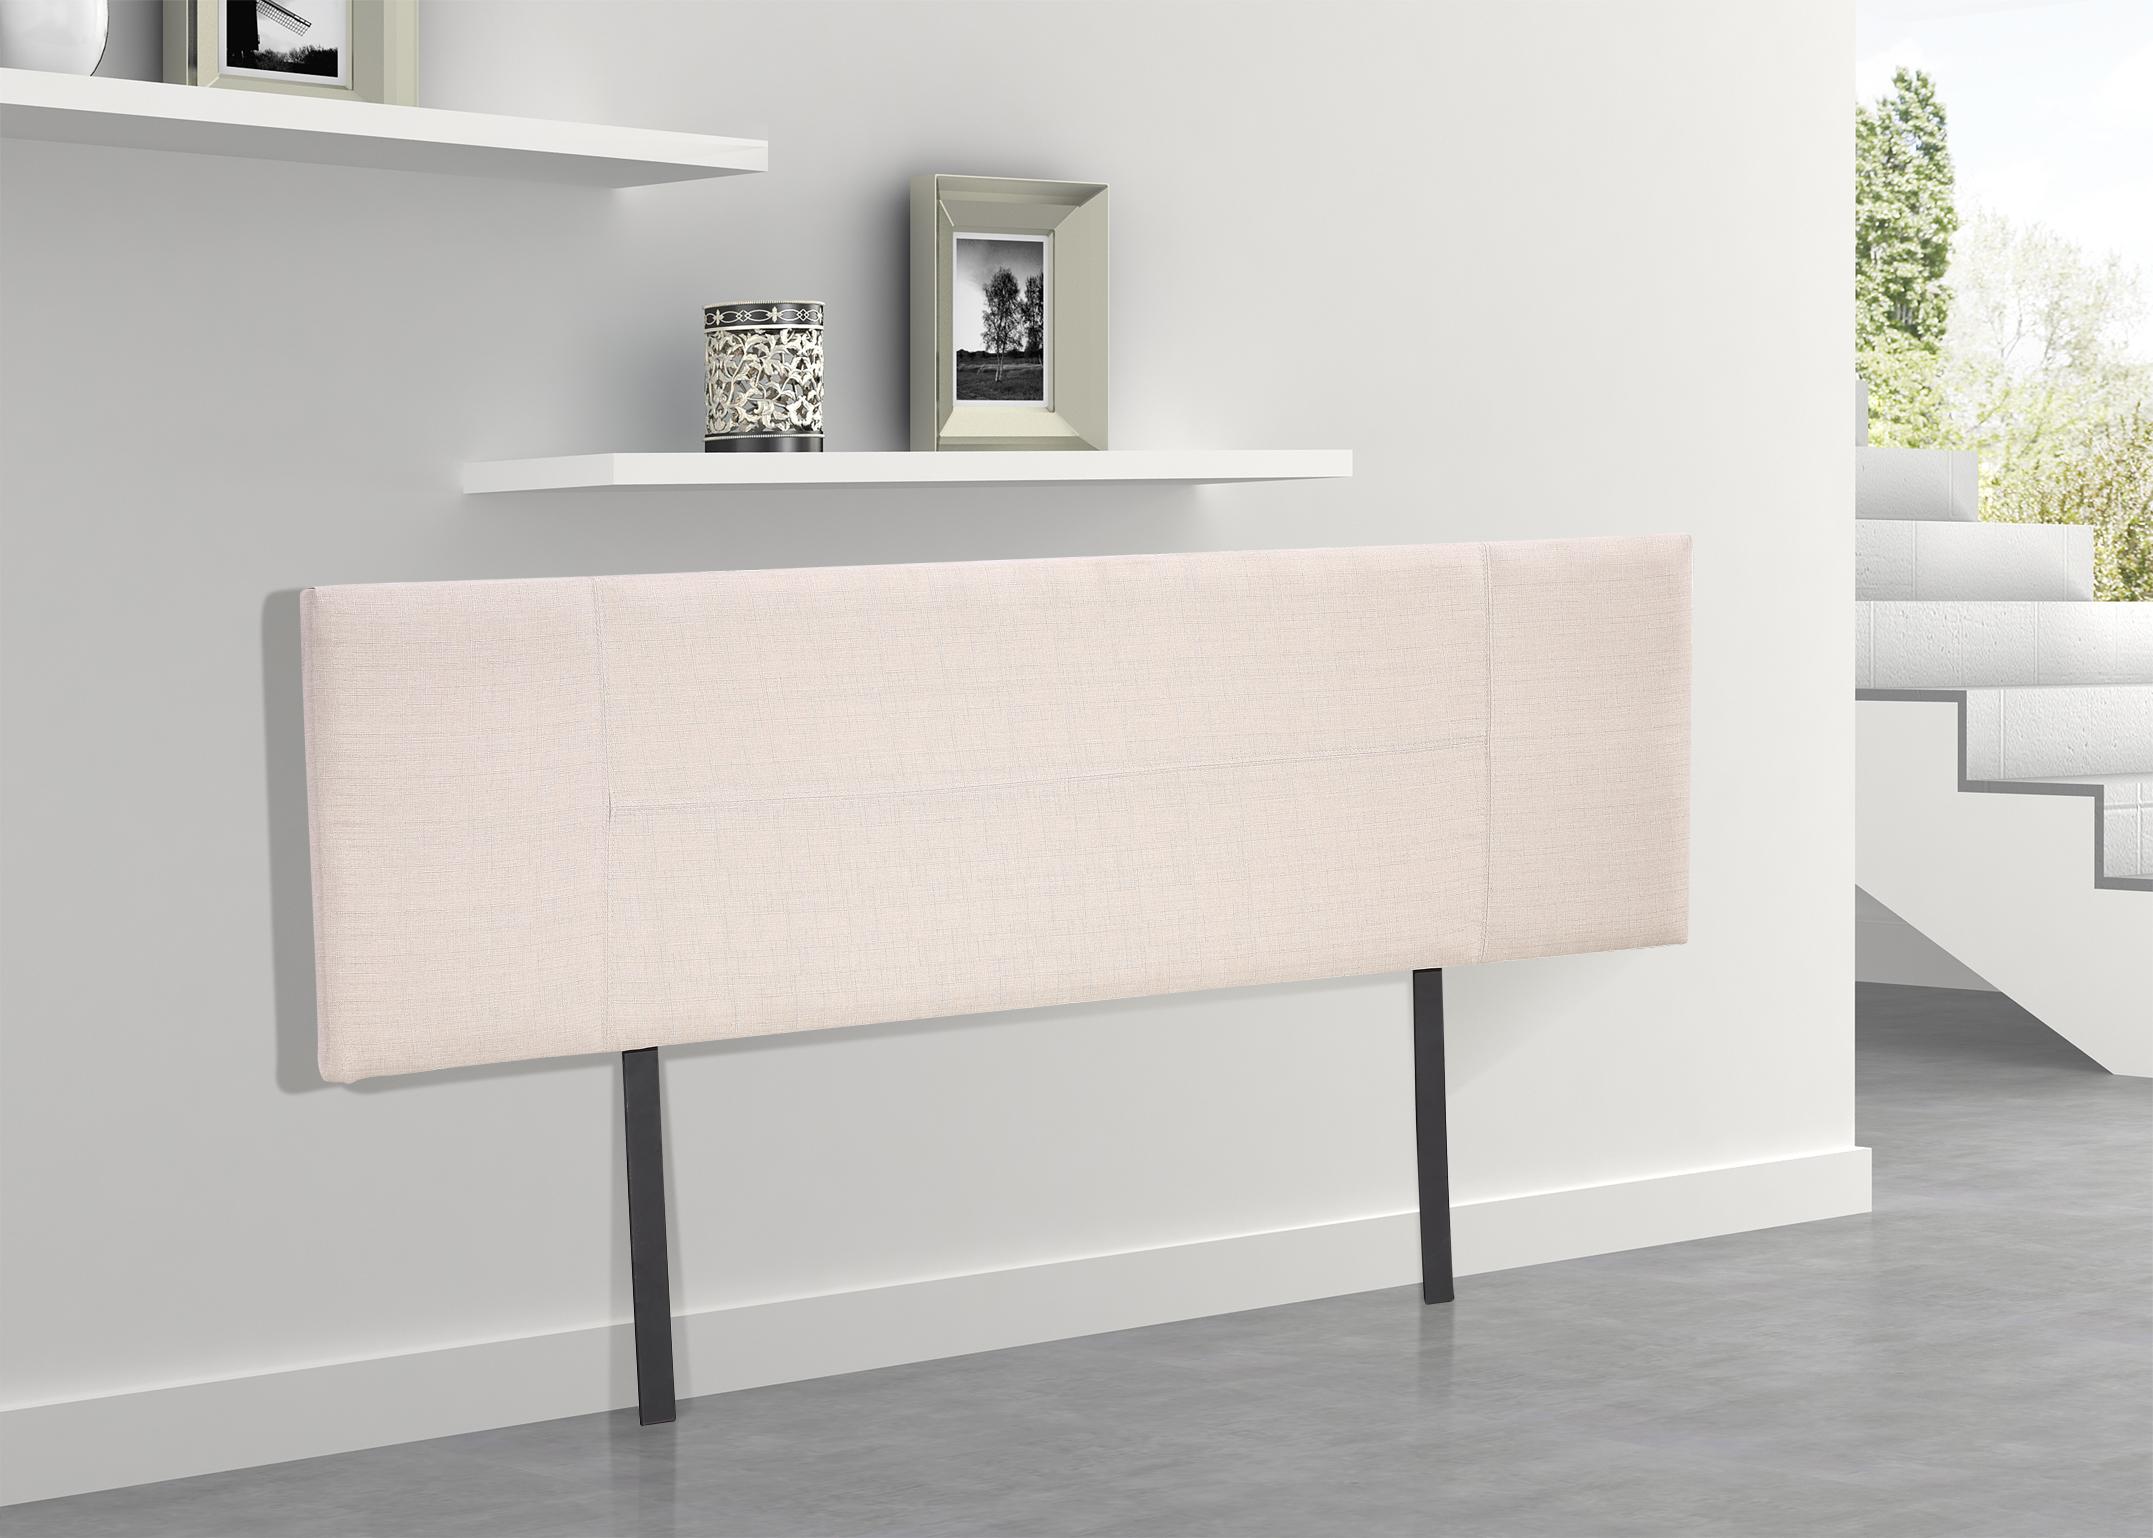 Linen Fabric King Bed Headboard Bedhead - Beige  Z2628